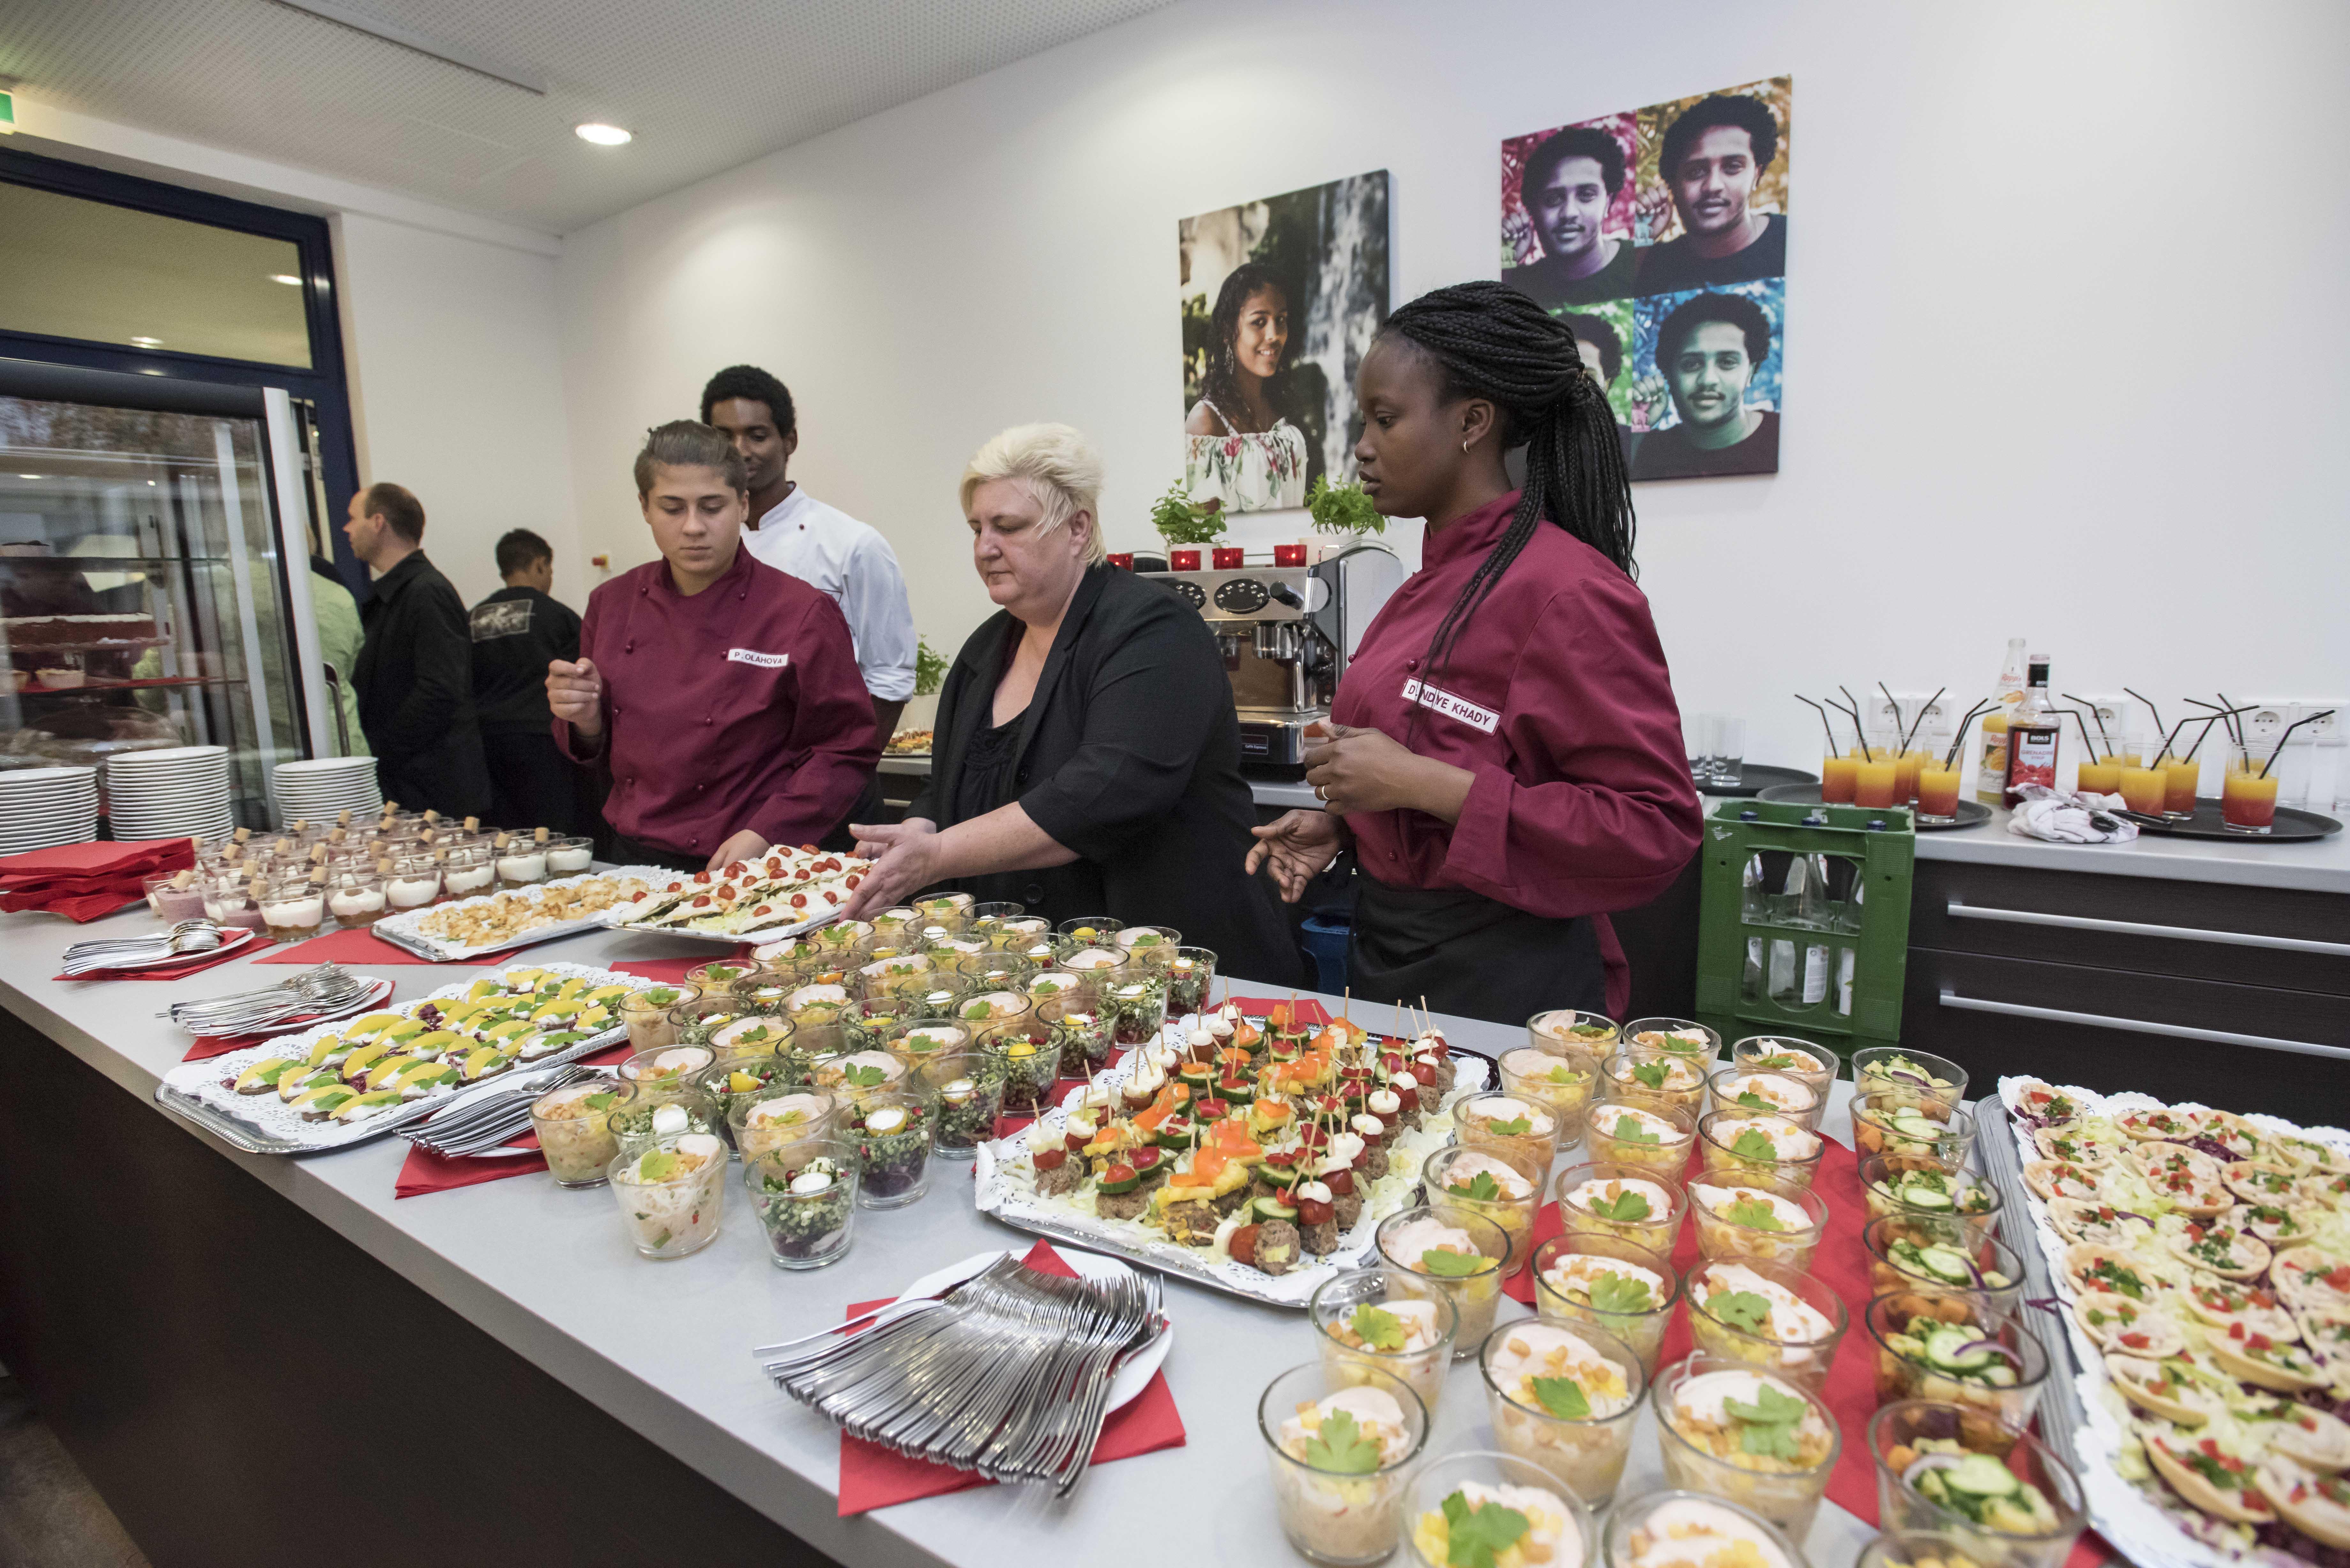 """Eröffnung Zentrum Jugend und Migration """"Café iZi"""", Evangelischer Verein für Jugendsozialarbeit in Frankfurt am Main e.V. 26.10.2017"""